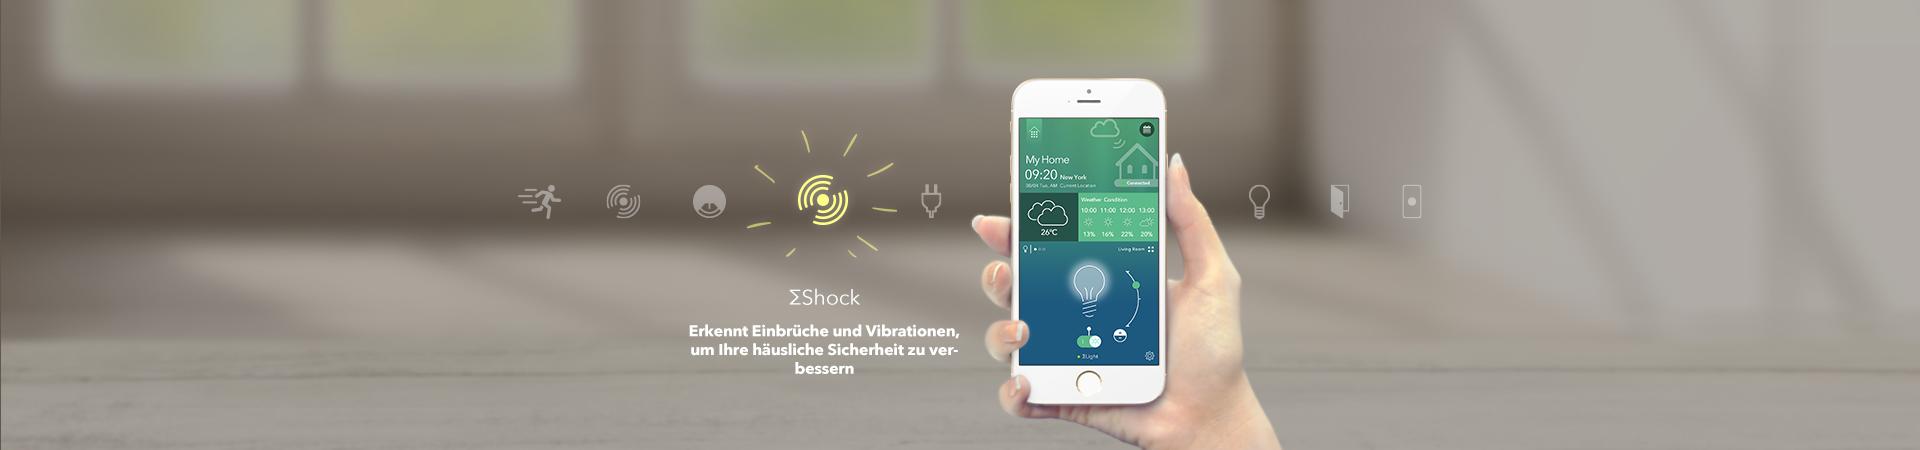 shock_de